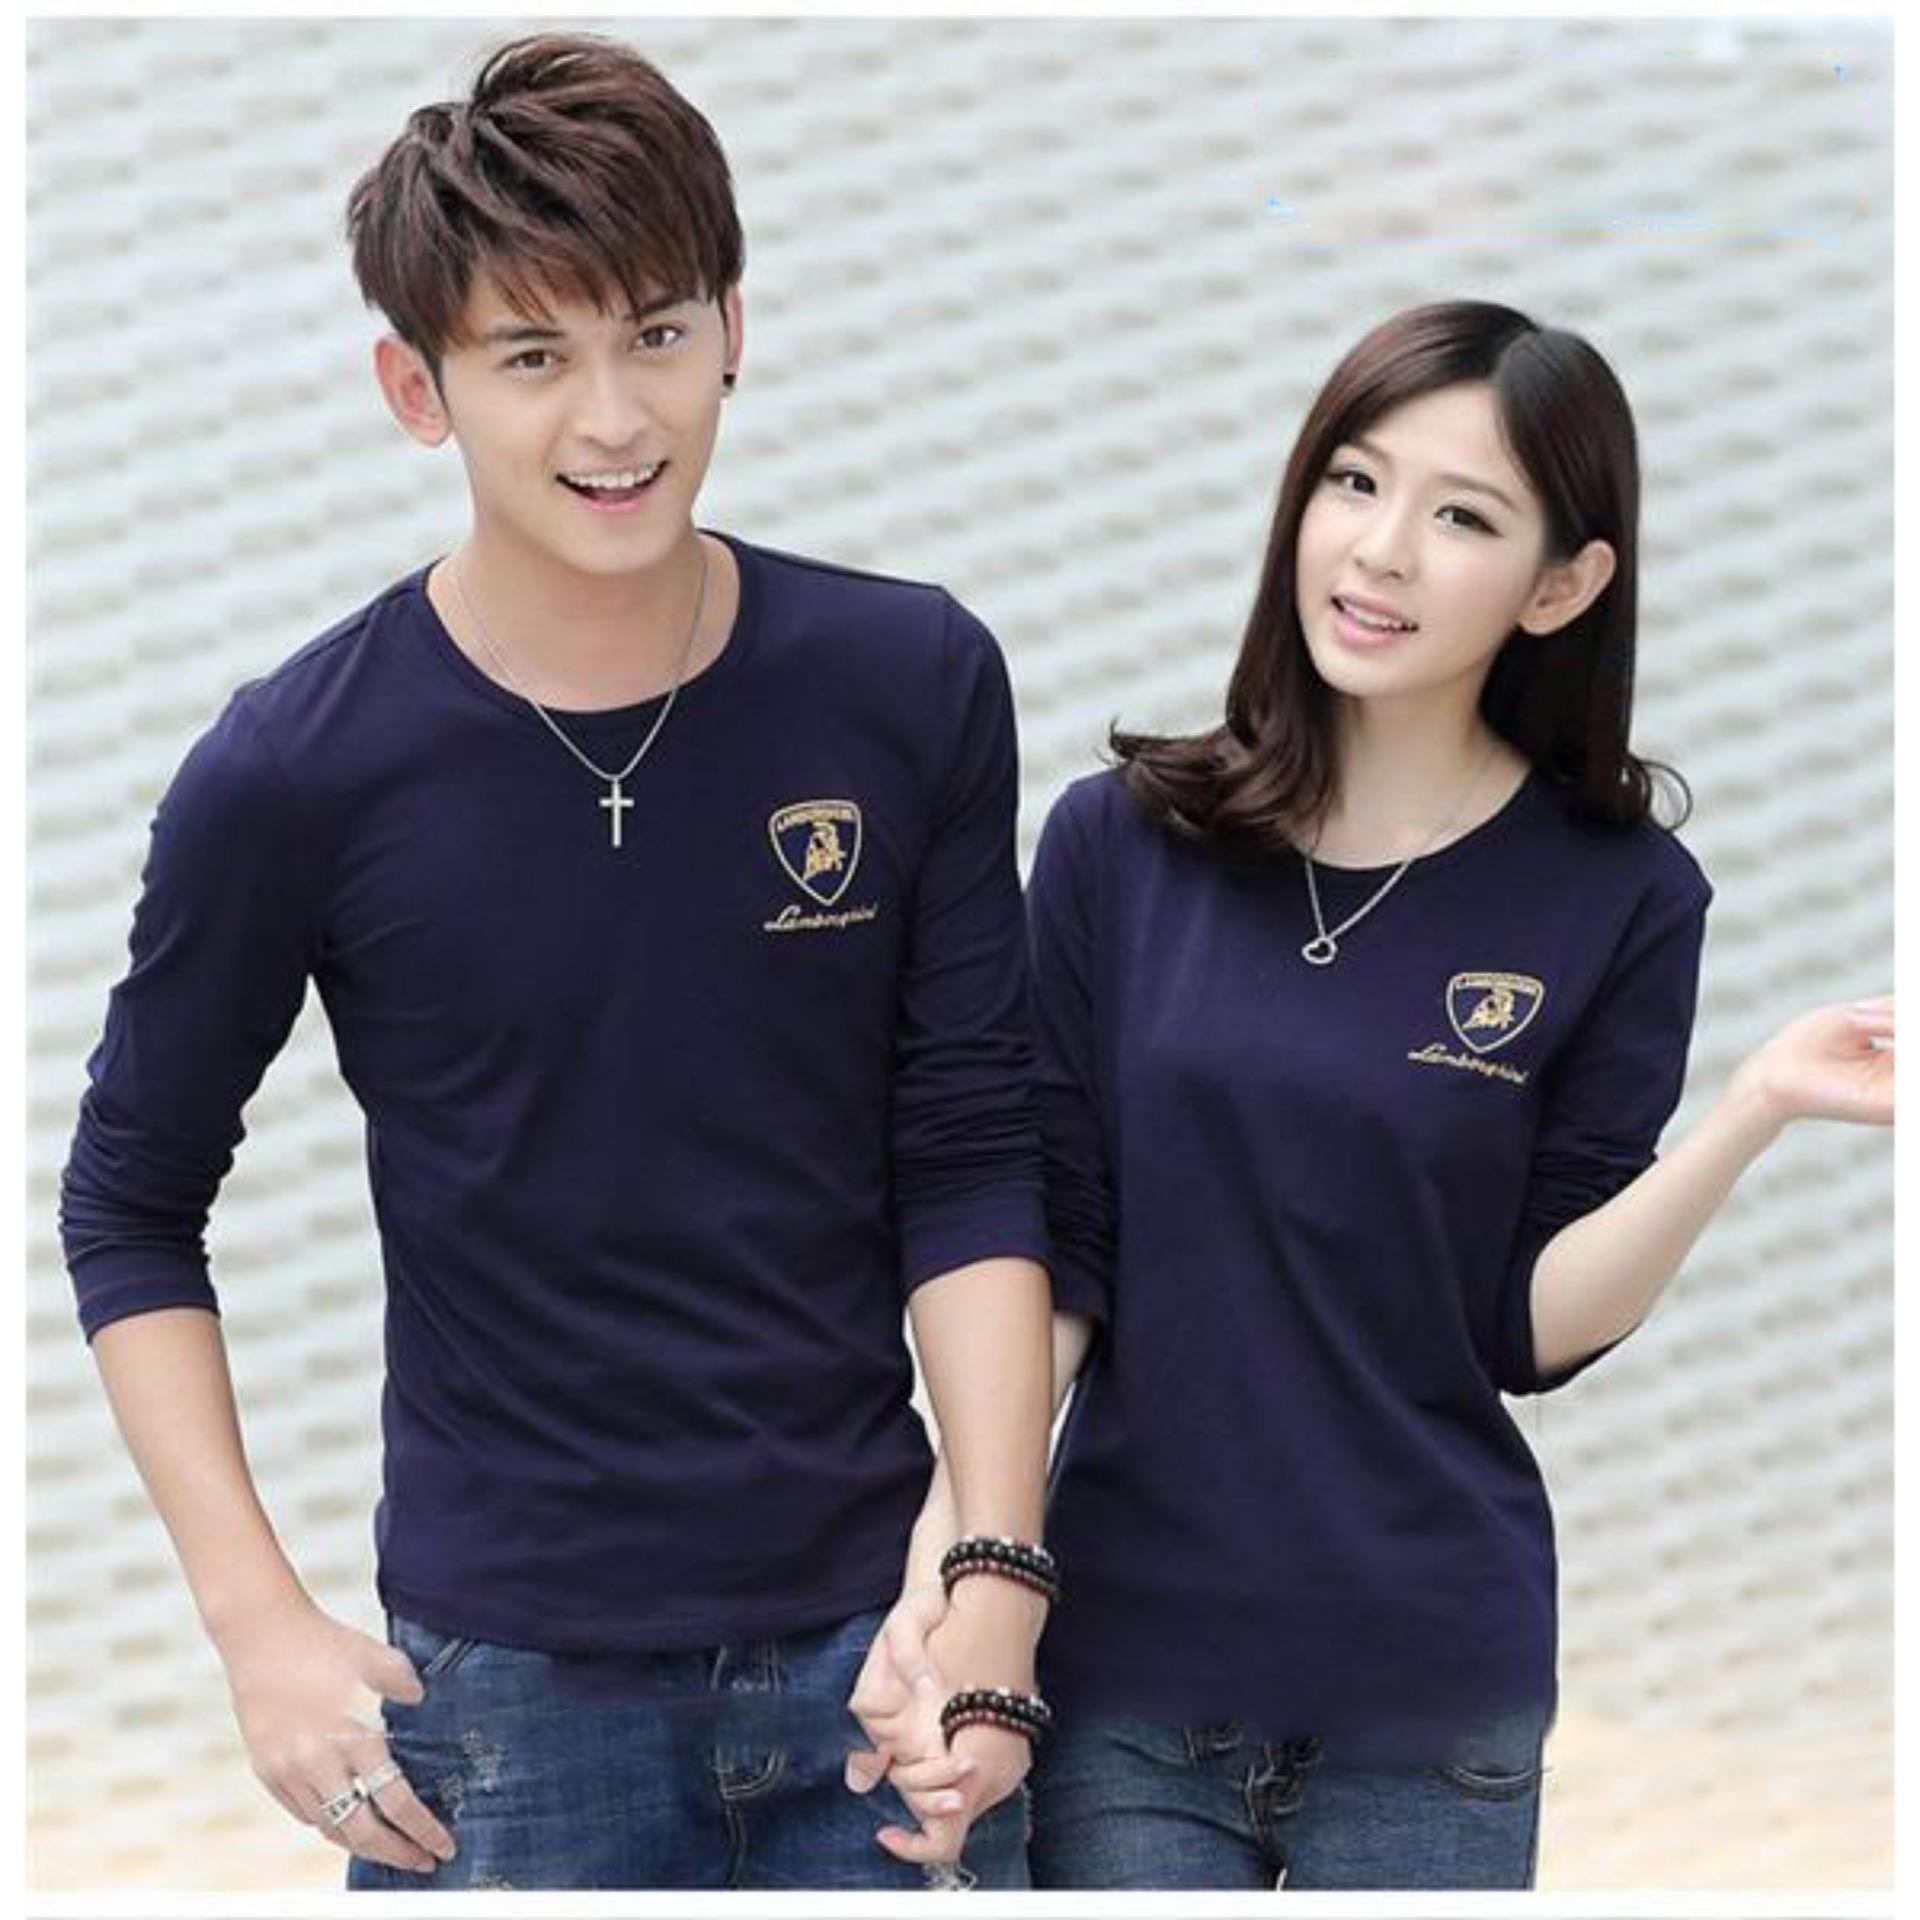 Flash Sale Kaos Couple Lengan Panjang | Baju Pasangan | Kaos Kapel | Baju Kembar (